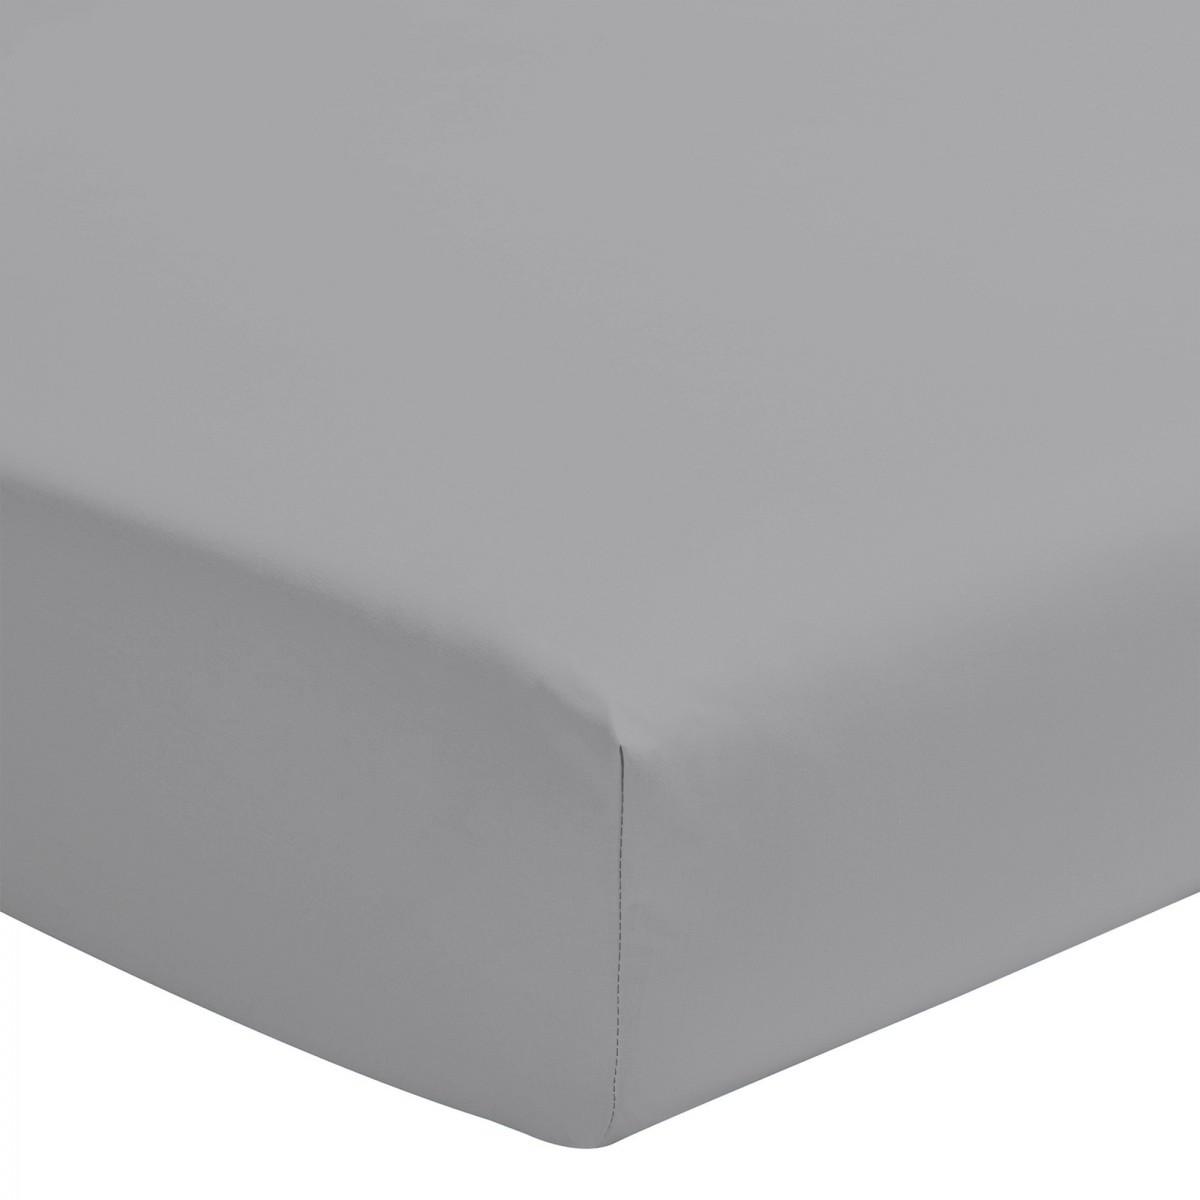 Drap Housse Uni 100% Coton Bonnet 25cm Gris Clair 180x200cm